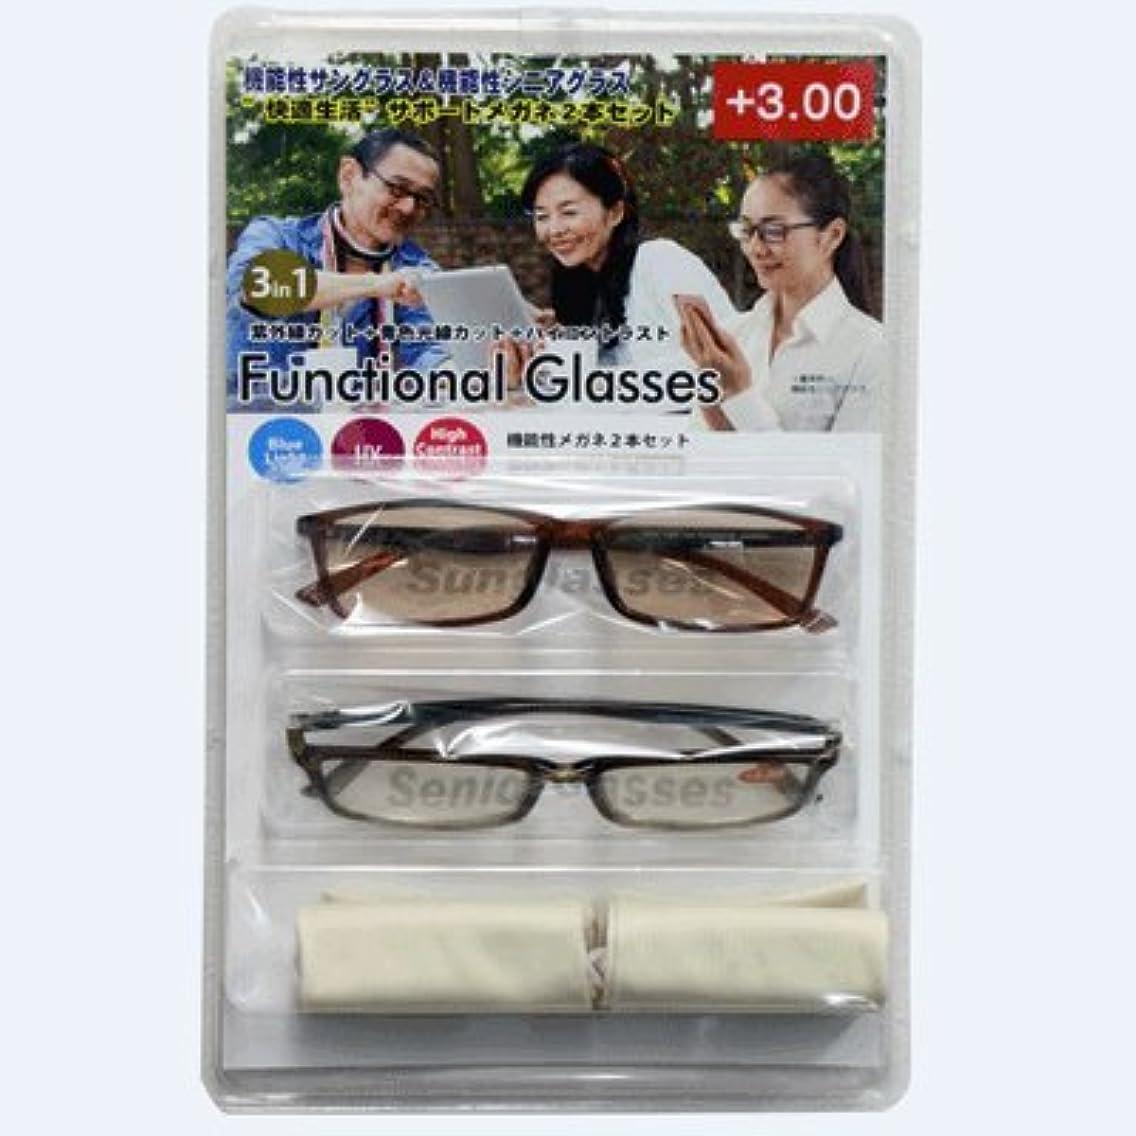 機能性グラス 2本セット ファンクショナルグラス 度数+3.00